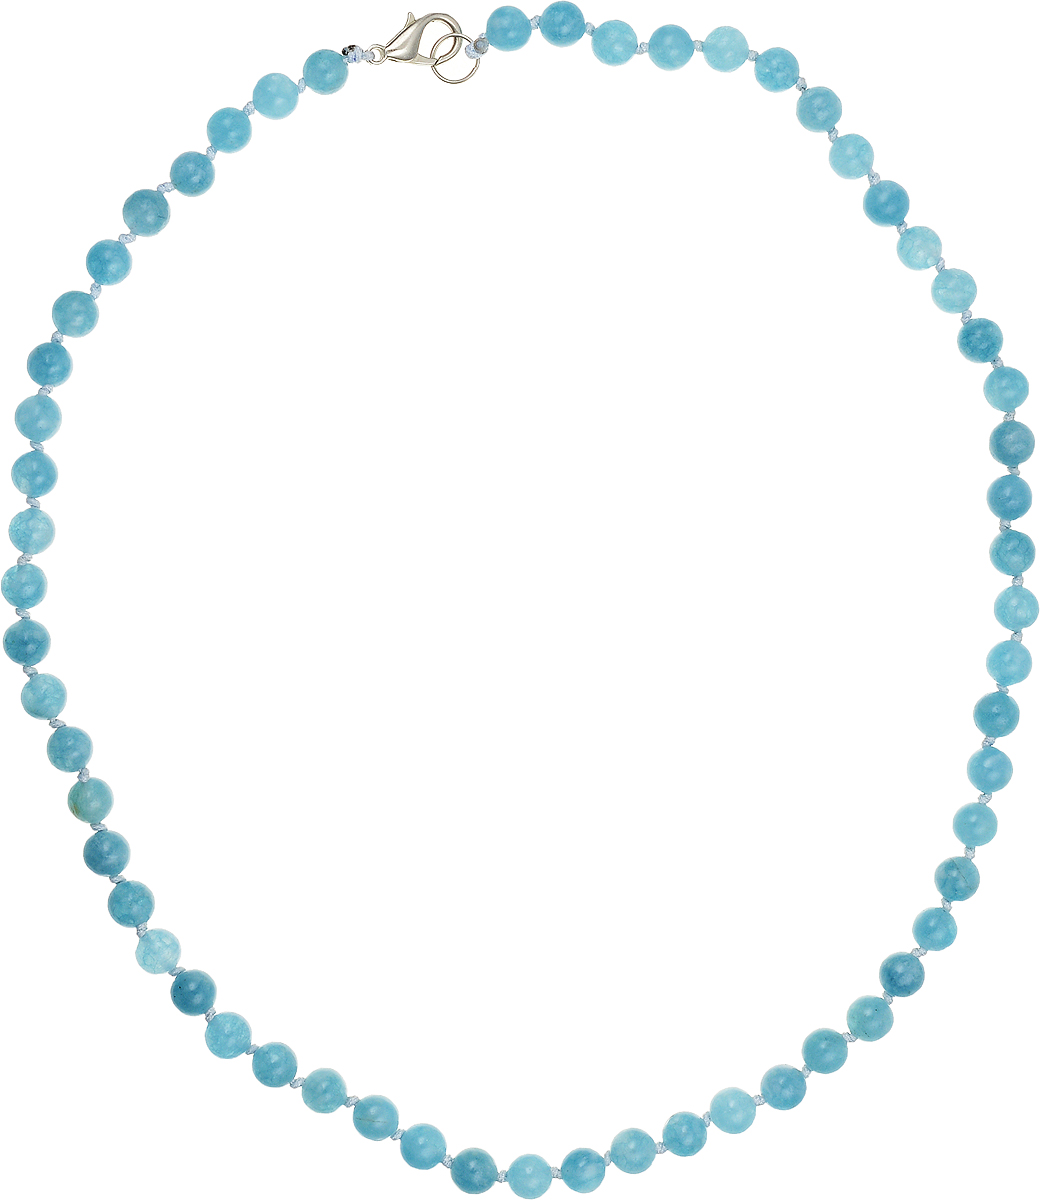 Бусы Art-Silver, цвет: голубой, длина 45 см. АК6-45-211Колье (короткие одноярусные бусы)Бусы Art-Silver подчеркнут изящество и непревзойденный вкус своей обладательницы. Они выполнены из бижутерного сплава и аквамаринадиаметром 6 мм.Изделие оснащено удобным замком-карабином.Аквамарин - камень необыкновенной красоты, имеющий нежно-голубую окраску. Считается, что украшения из аквамарина способны менять свой цвет в зависимости от капризовпогоды и настроения своего владельца. Уже несколько столетий минерал является талисманом моряков, благодаря своим способностям усмирять разбушевавшуюся стихию. Магические свойства камня проявляются не только на природных явлениях. Ему под силу успокаивать бурю человеческих эмоций. Аквамарин помогает обрести друзей и избавиться от одиночества. Поскольку самоцвет считается «водным» камнем, то его также рекомендуют дляснятия отеков, налаживания водно-солевого баланса в организме.